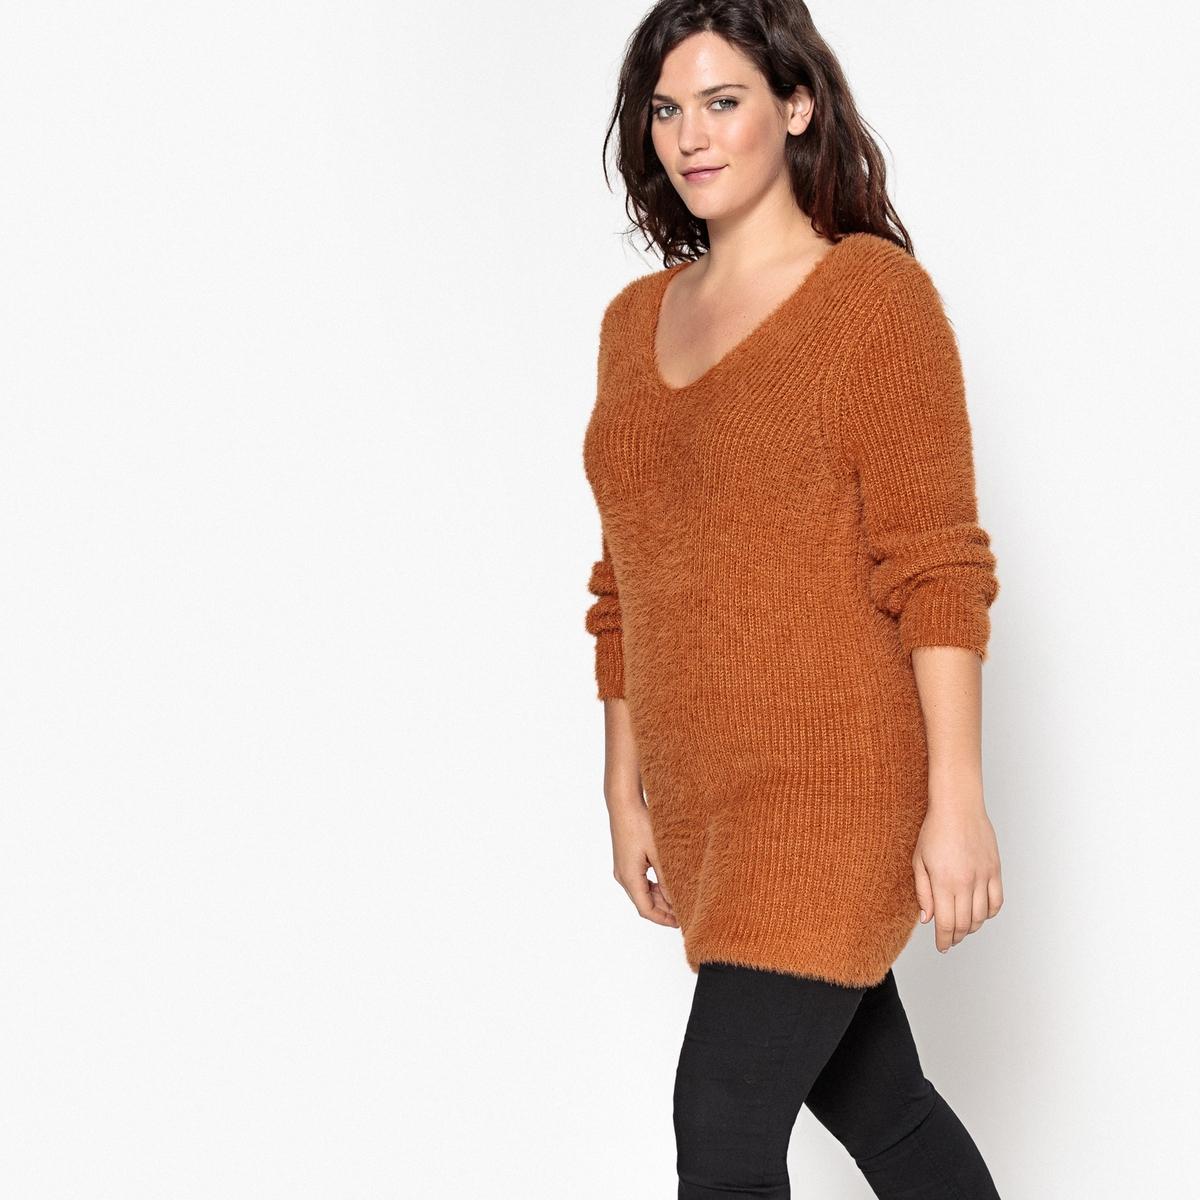 Пуловер длинный из плотного трикотажа с V-образным вырезомОписание:Длинный пуловер с V-образным вырезом из очень мягкого ворсистого трикотажа. Длинный пуловер с V-образным вырезом отлично смотрится с леггинсами или брюками-слим. Детали •  Длинные рукава •   V-образный вырез •  Плотный трикотаж Состав и уход •  30% акрила, 70% полиамида •  Температура стирки 30° на деликатном режиме   •  Сухая чистка и отбеливание запрещены    •  Сушить на горизонтальной поверхности •  Не гладить  Товар из коллекции больших размеров<br><br>Цвет: коричнево-желтый<br>Размер: 46/48 (FR) - 52/54 (RUS)